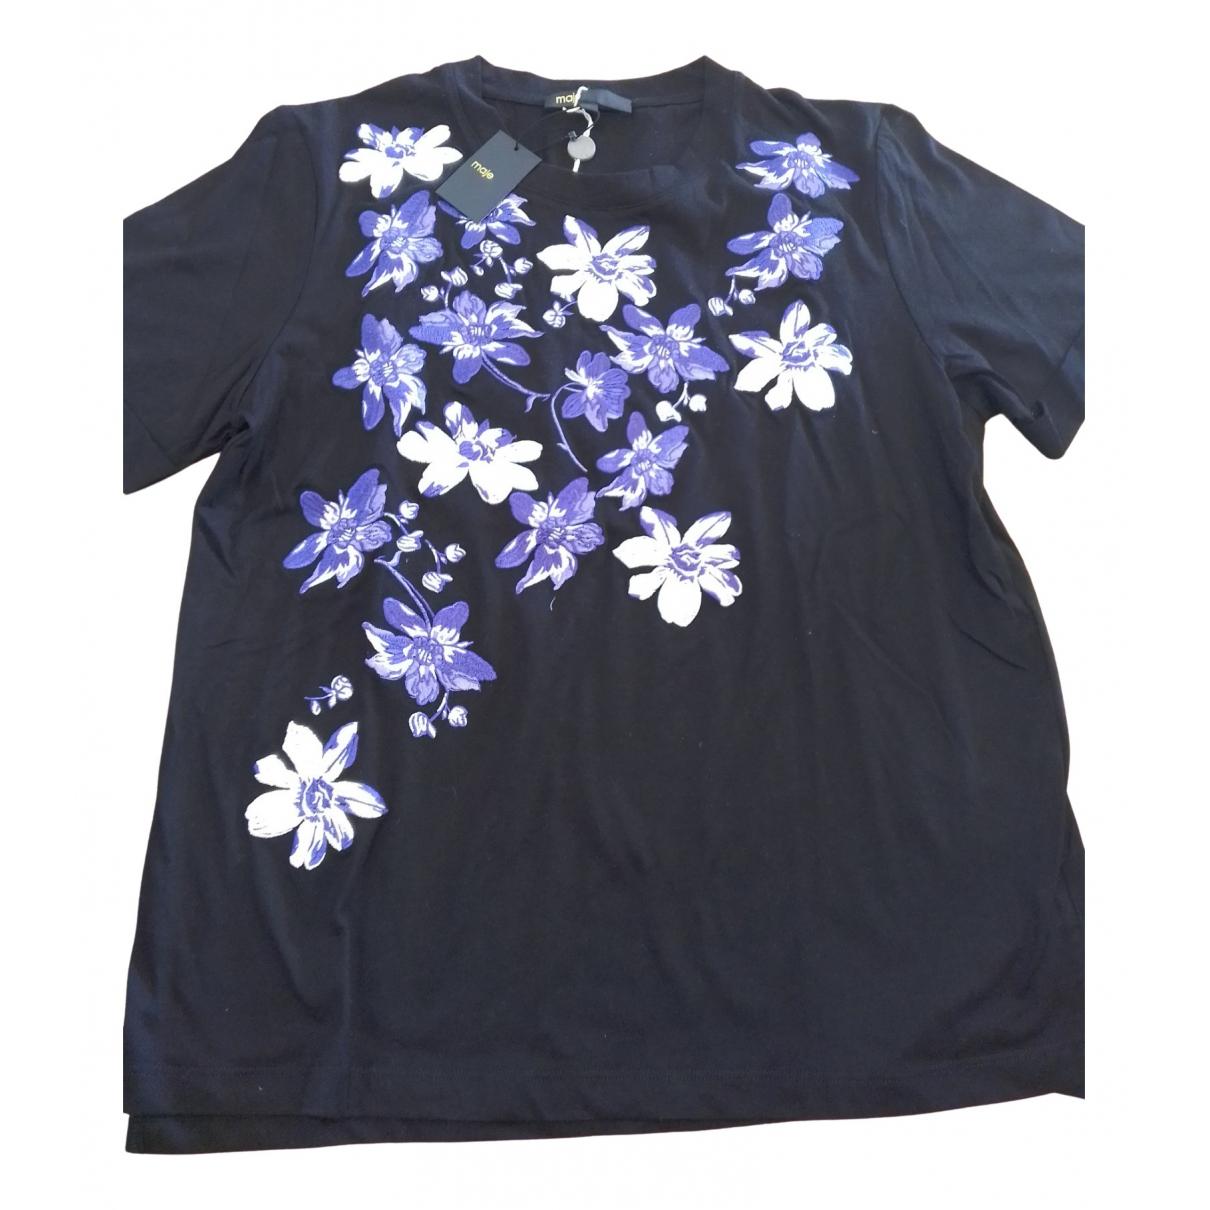 Maje Fall Winter 2019 Black Cotton Knitwear for Women 38 FR